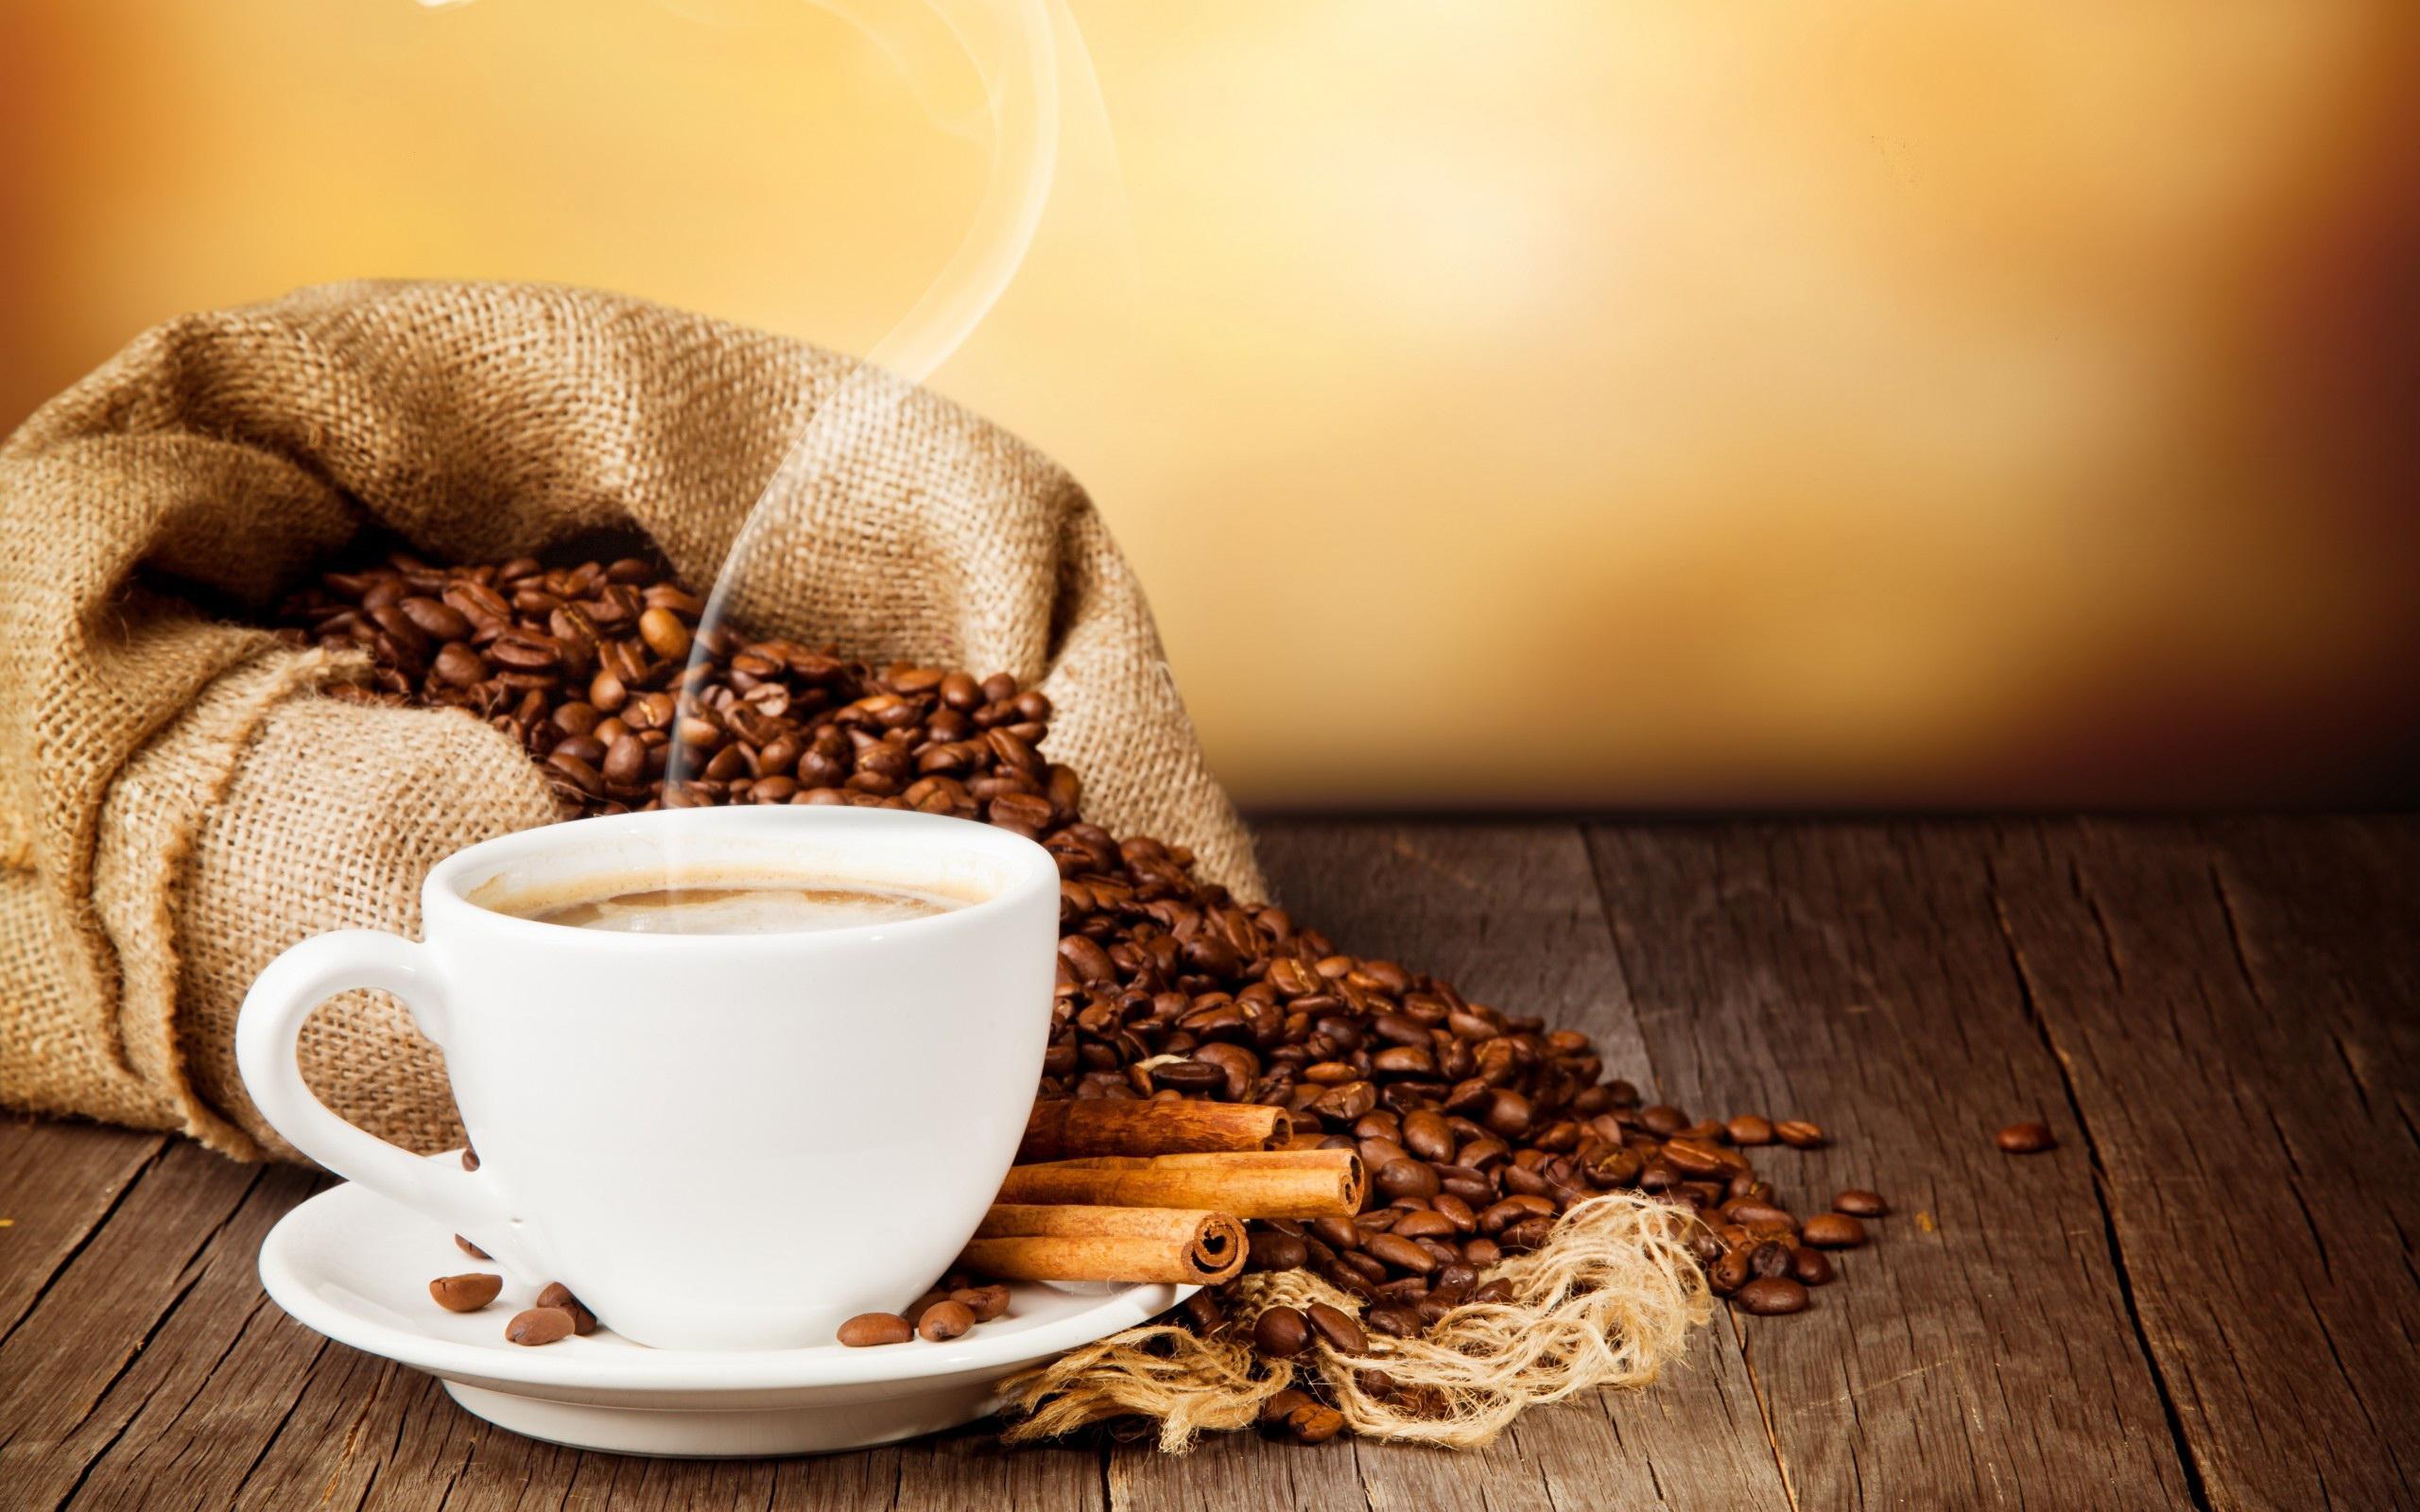 чашечка и зерна кофе